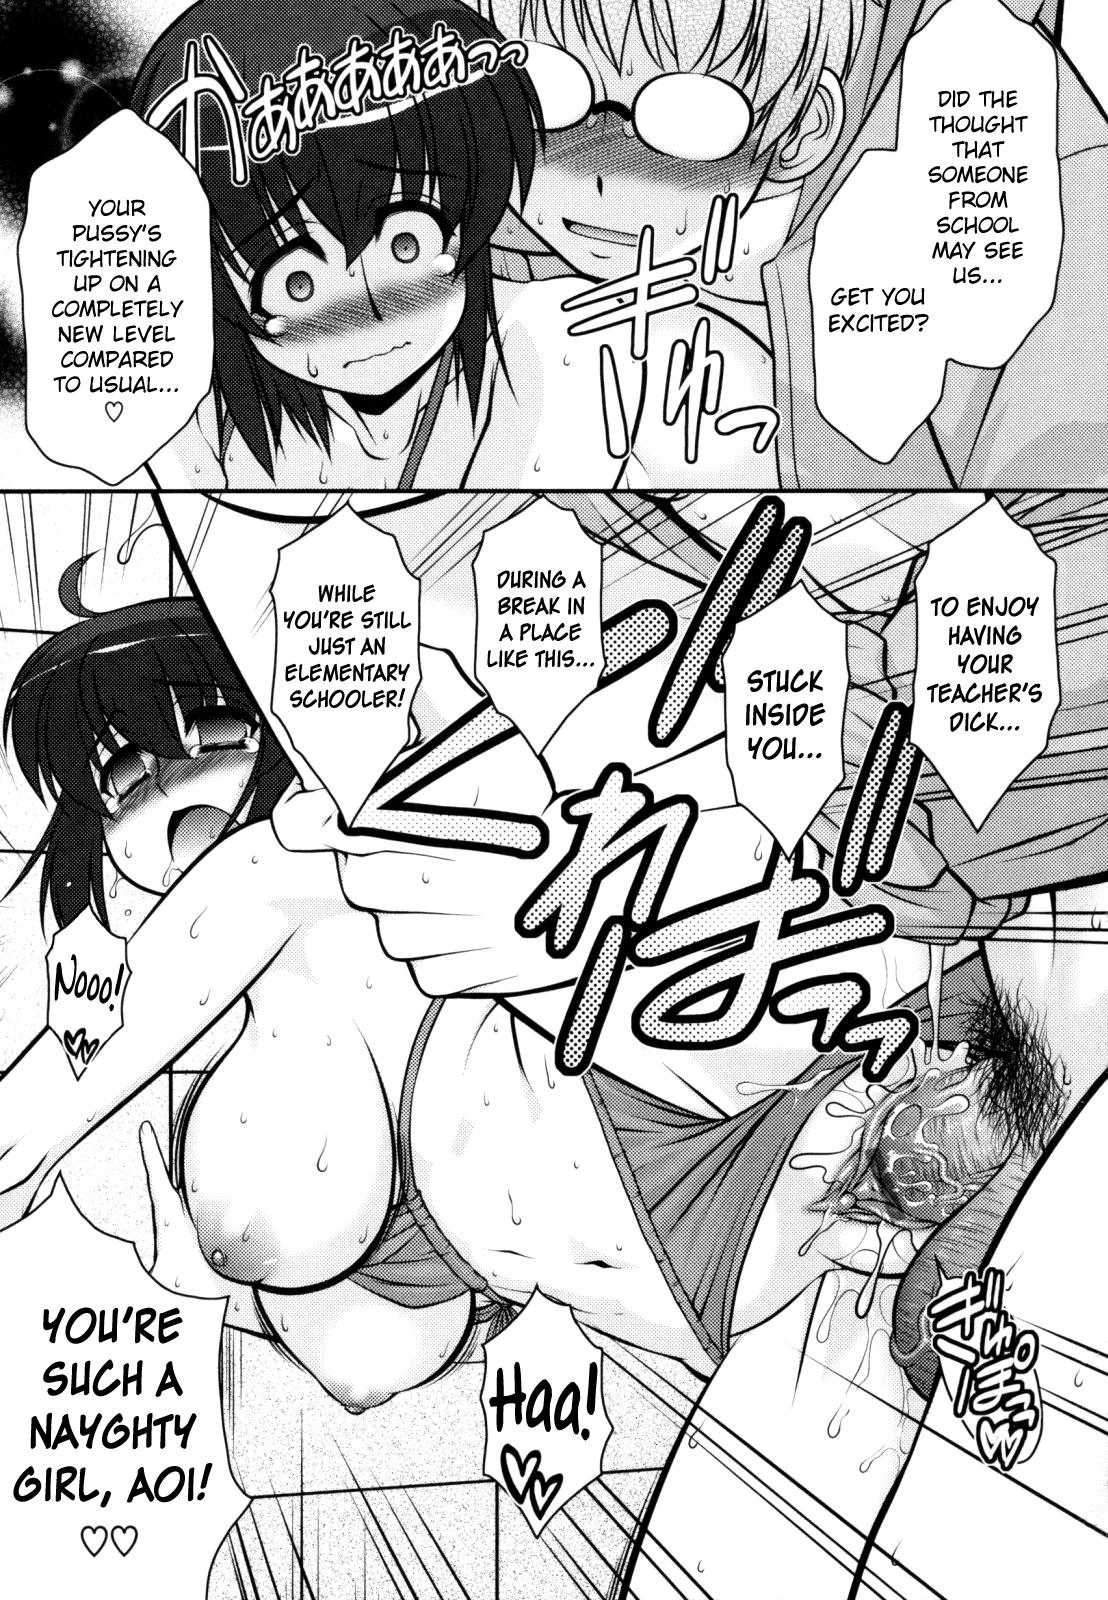 [Harukaze Do-jin] Aoi-chan Attack! Ch.2-6, 9 [English] [biribiri] 44